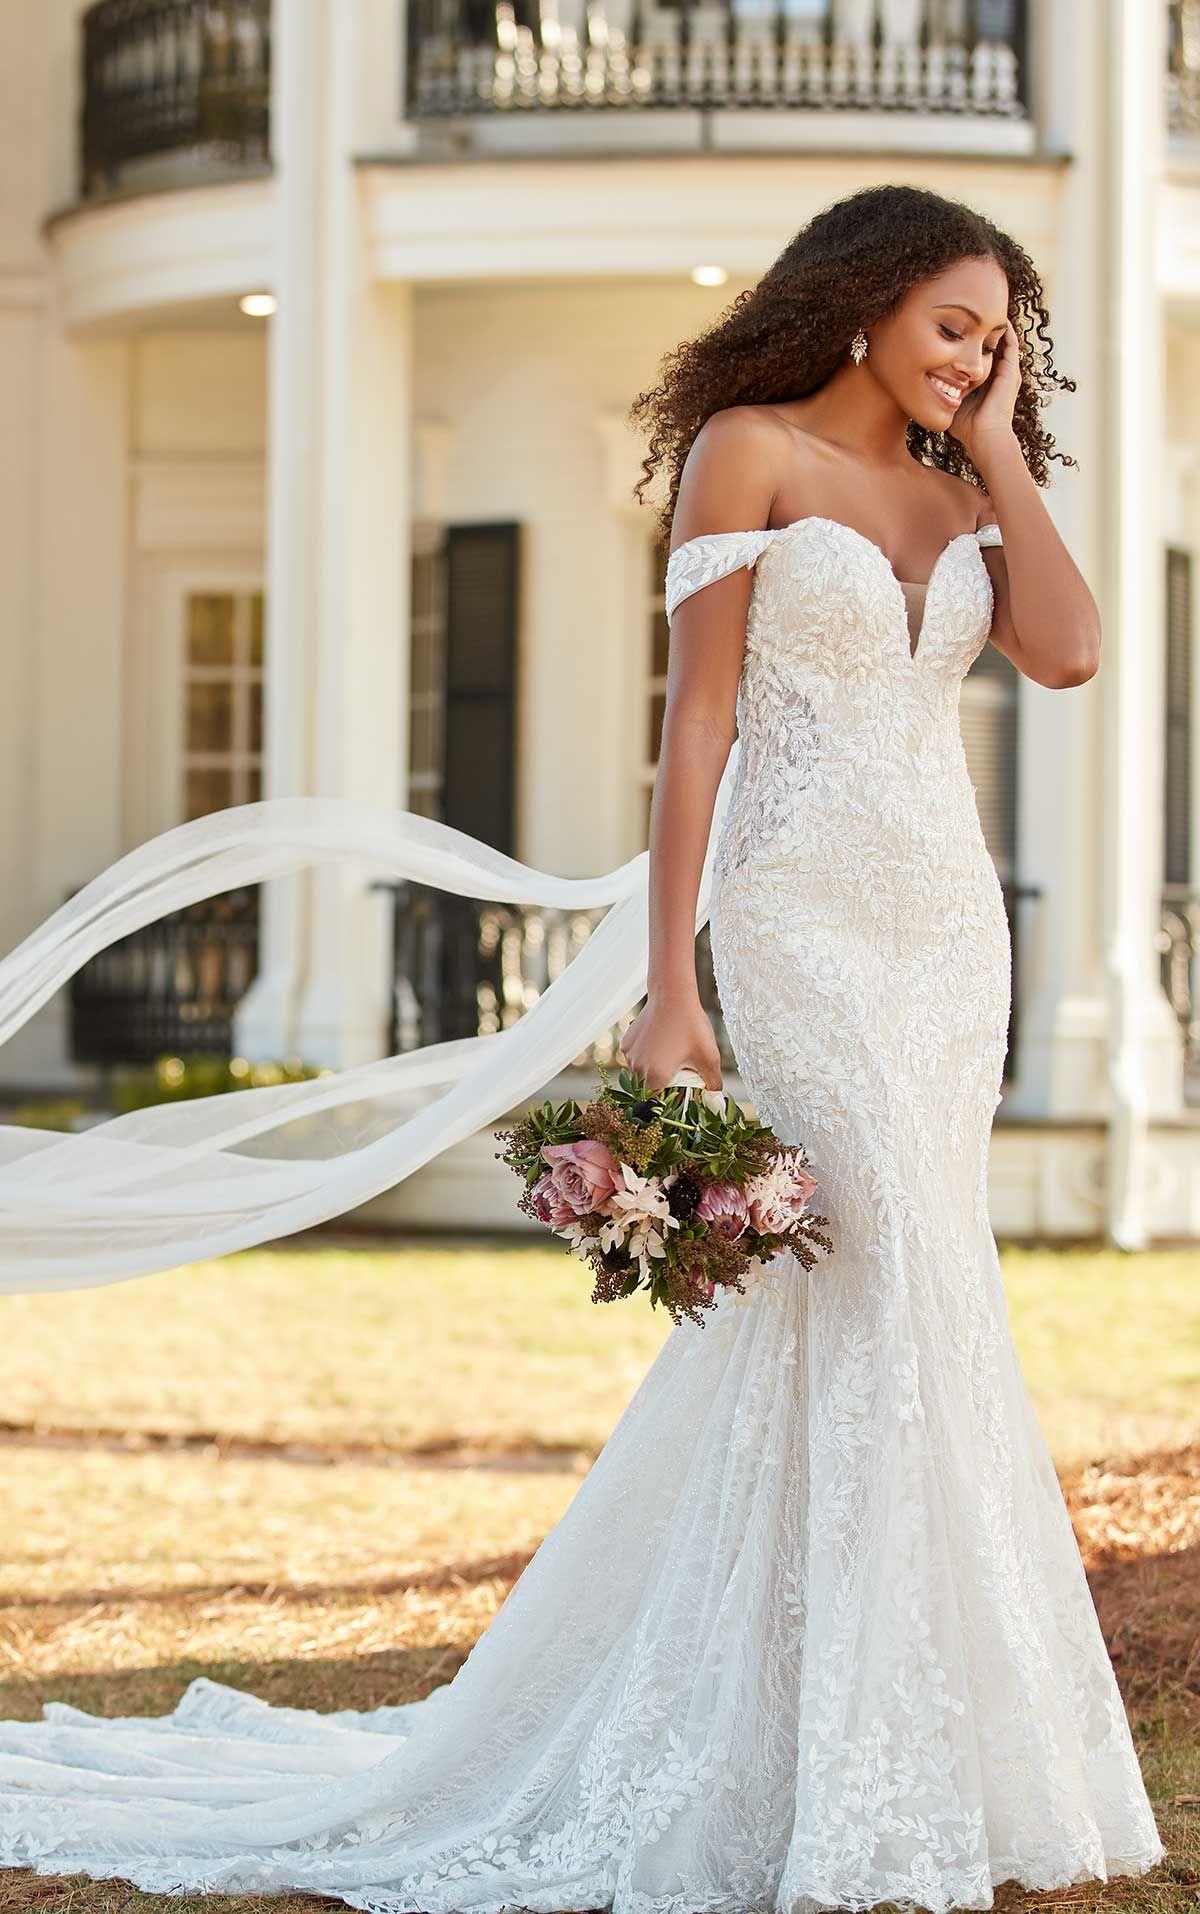 Martina Liana 1193 Bow Wedding Dress Martina Liana Wedding Dress Tulle Wedding Dress [ 1914 x 1200 Pixel ]